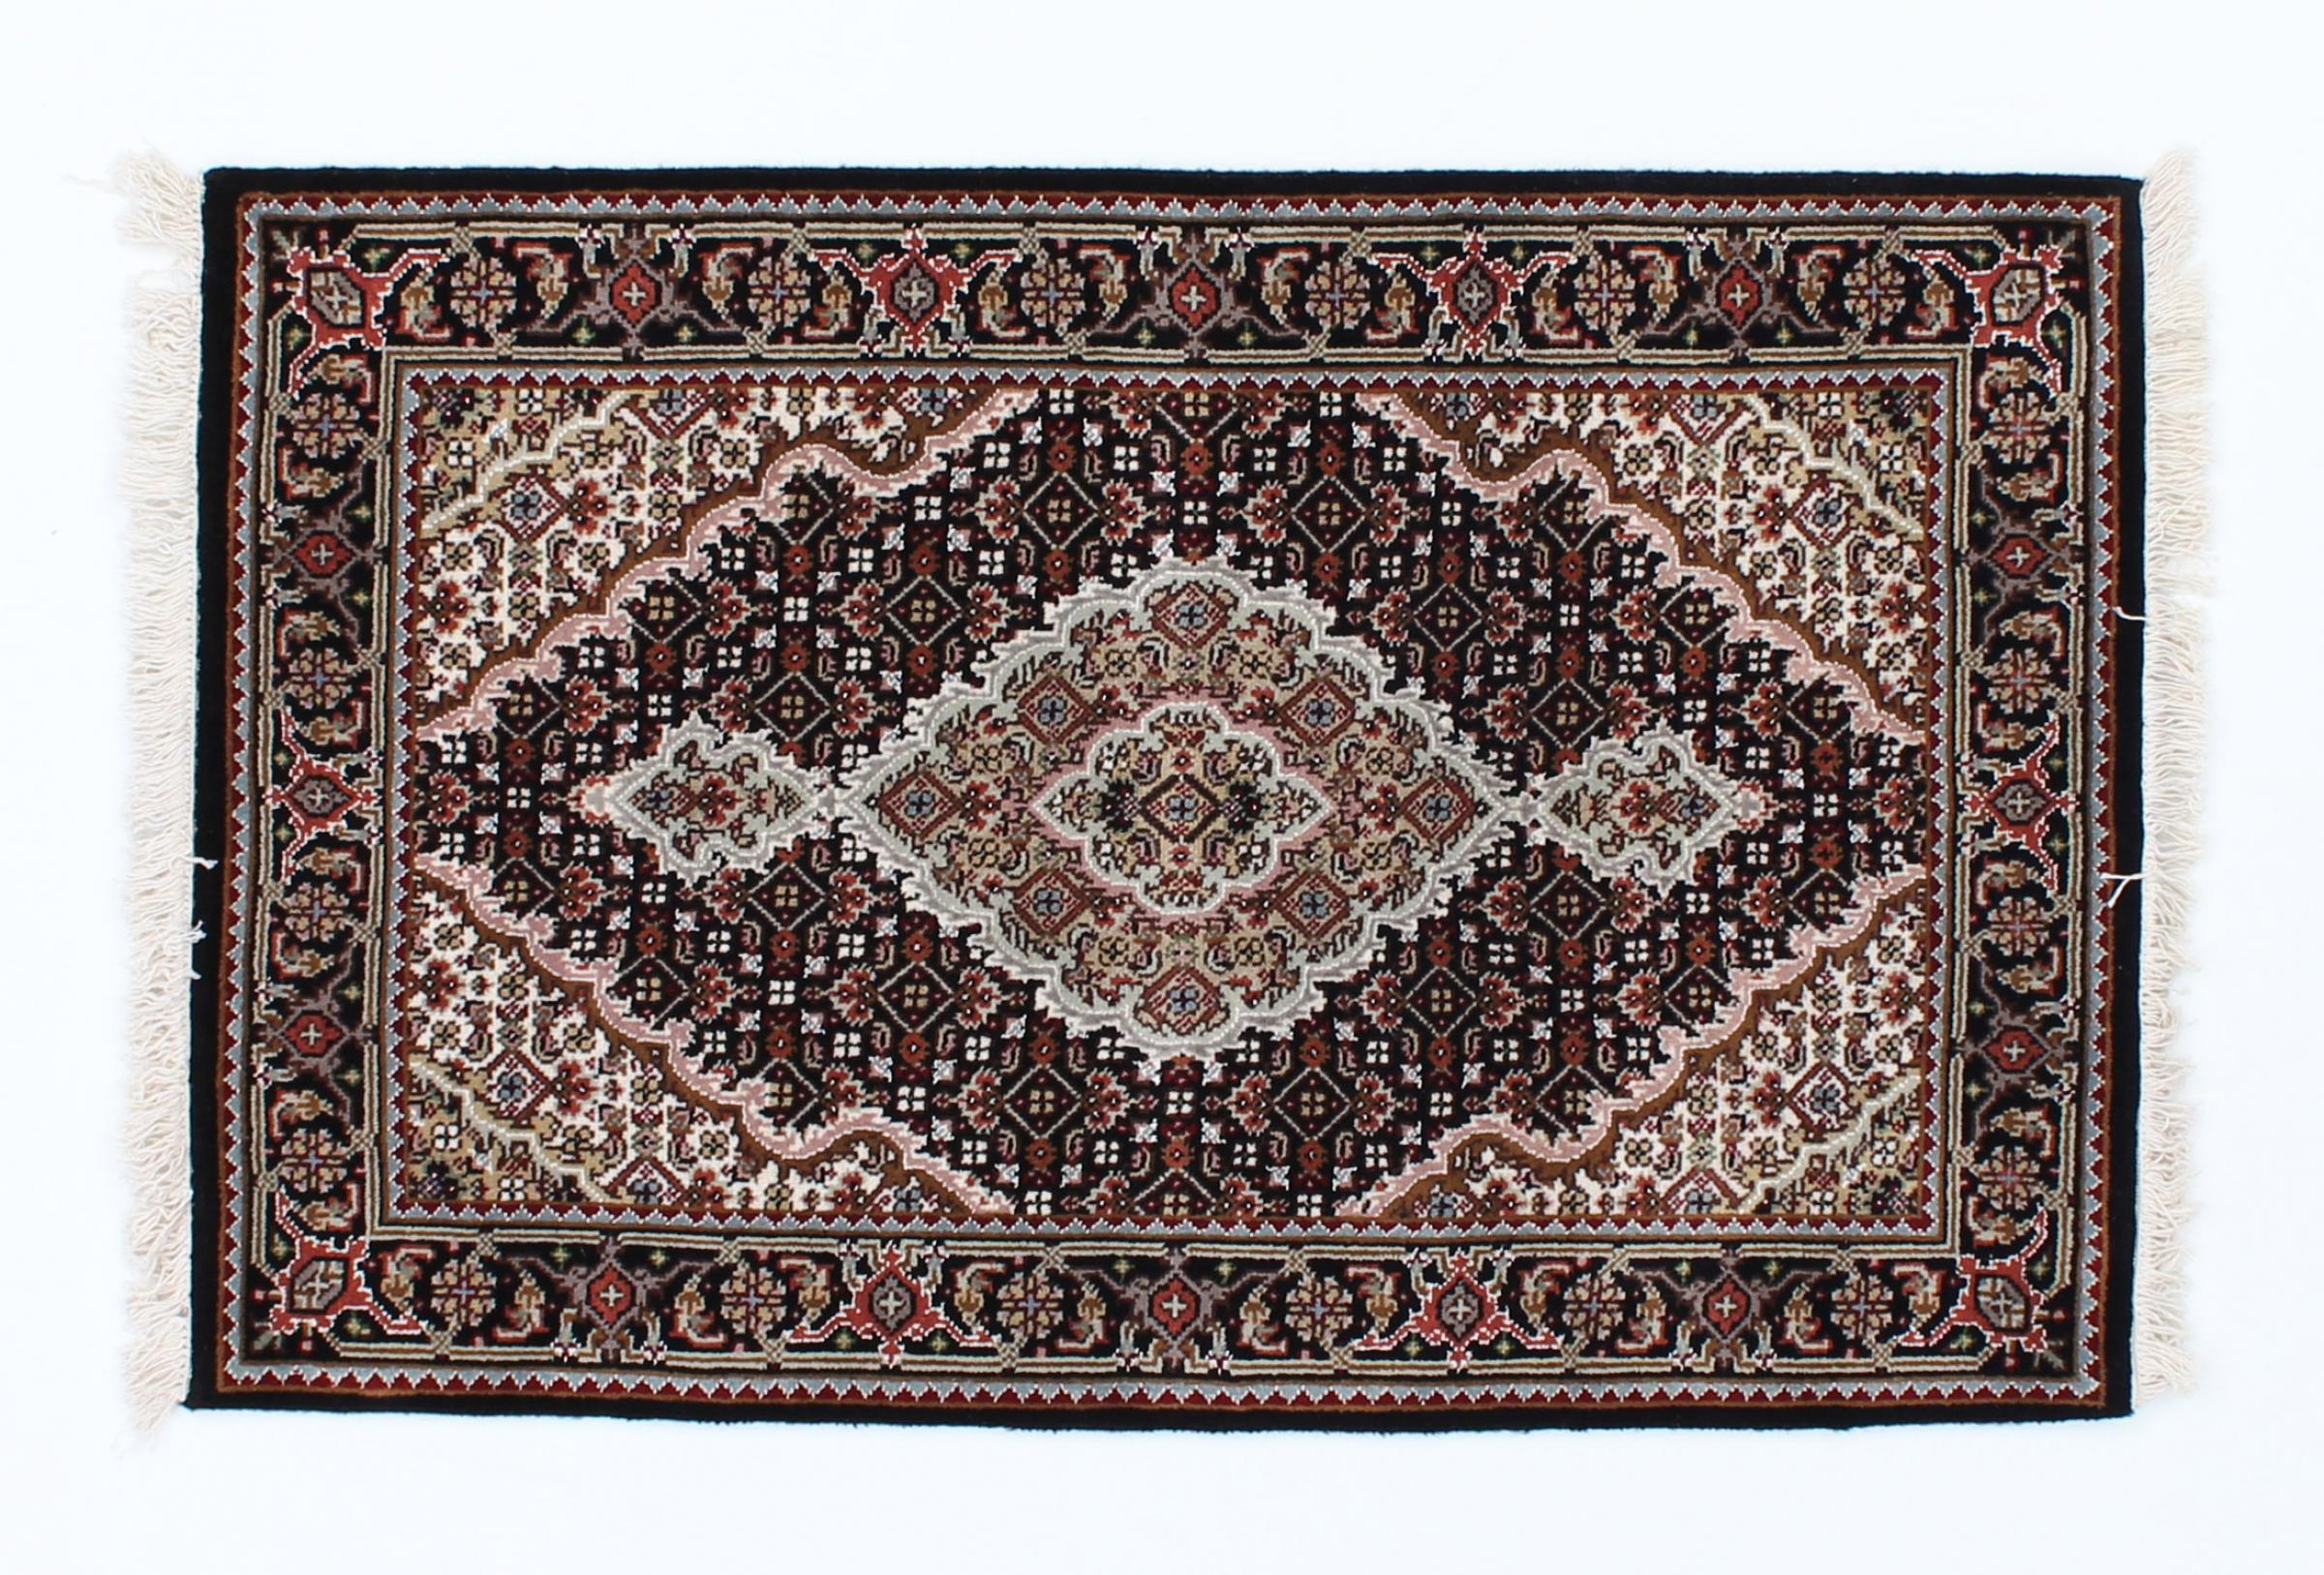 indo t briz indischer teppich 122x80 id23773 kaufen sie ihren orientteppich i 120x80 bei. Black Bedroom Furniture Sets. Home Design Ideas